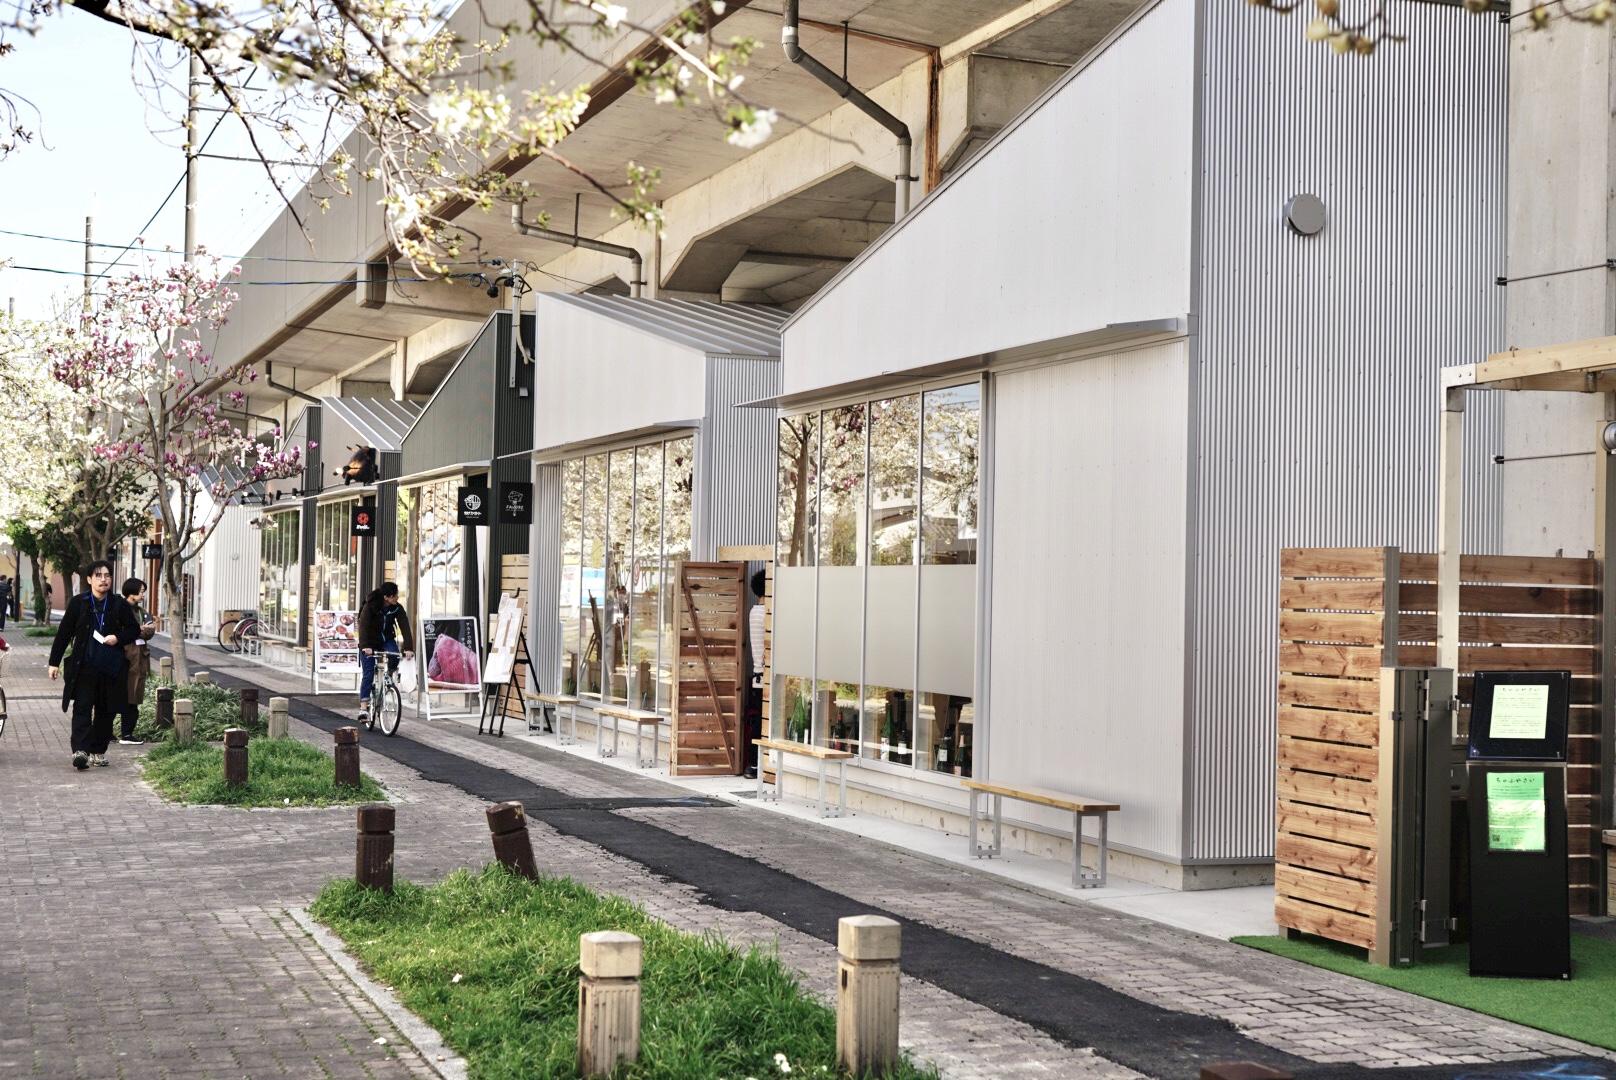 名鉄瀬戸線・高架下の新スポット「SAKUMACHI商店街」に12店舗がオープン! - DA3F8E65 E804 4966 BCBF 060934C408E8